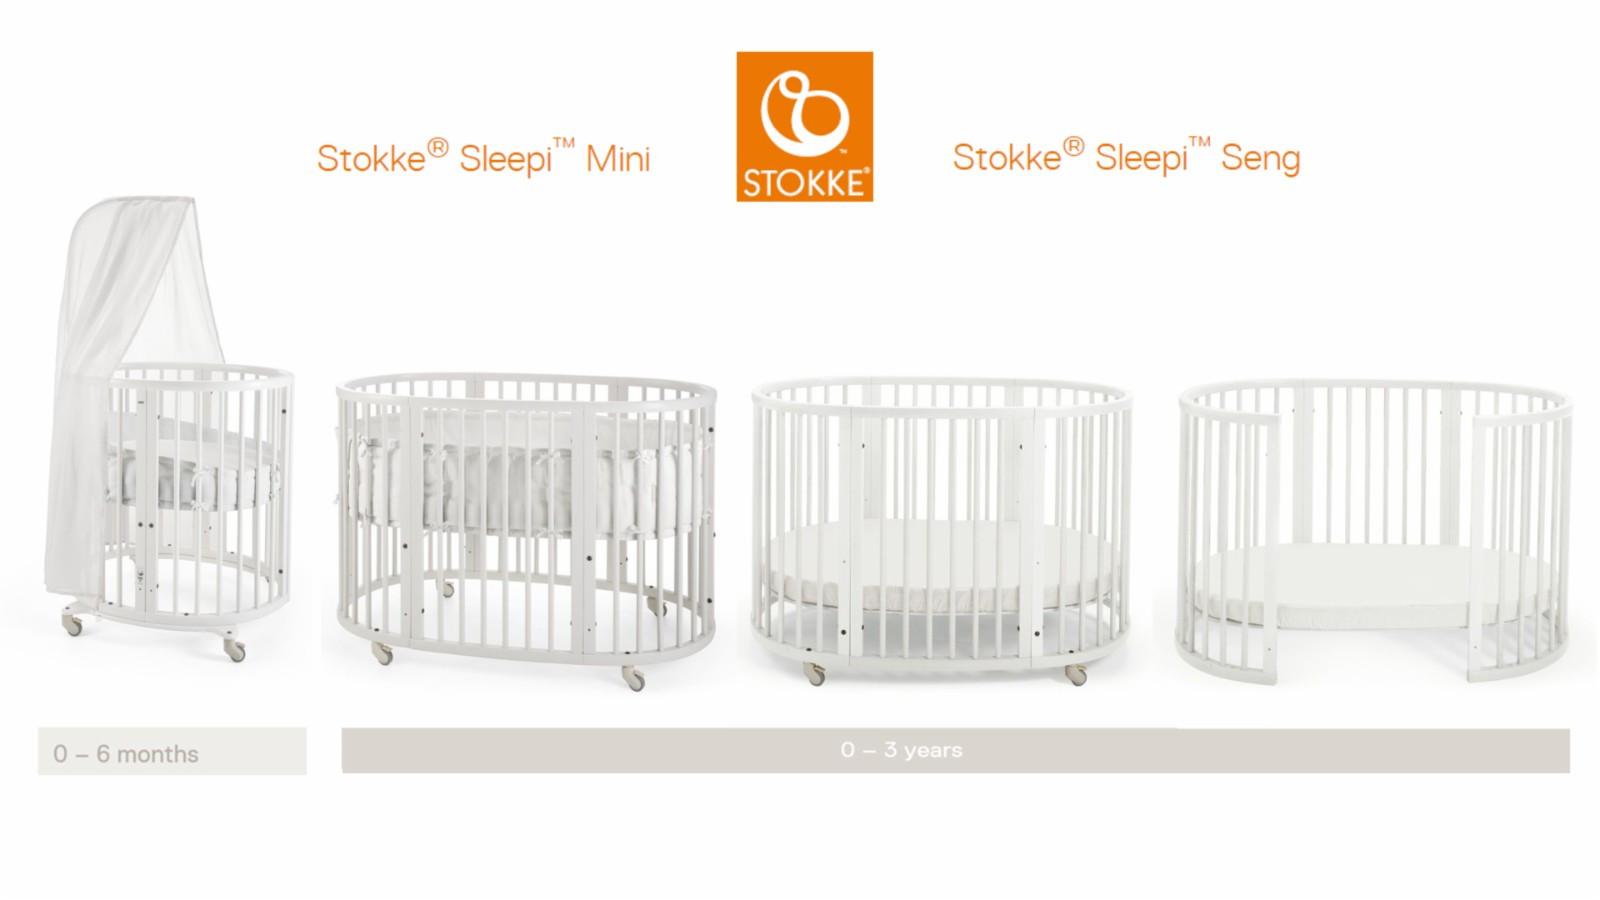 Stokke Mini + Sleepi barneseng selges (passer fra 0 ca 3-4 år) - Bekkestua  - Pent brukt Stokke Sleepi barneseng selges og klar til å hentes. (Ferdig demontert). Alle deler og madrasser du ser på bildet følger med (med forbehold om jeg finner sengehimmel og bumper til Mini)  Ny pris for dette er ca kr 8.000,-   - Bekkestua